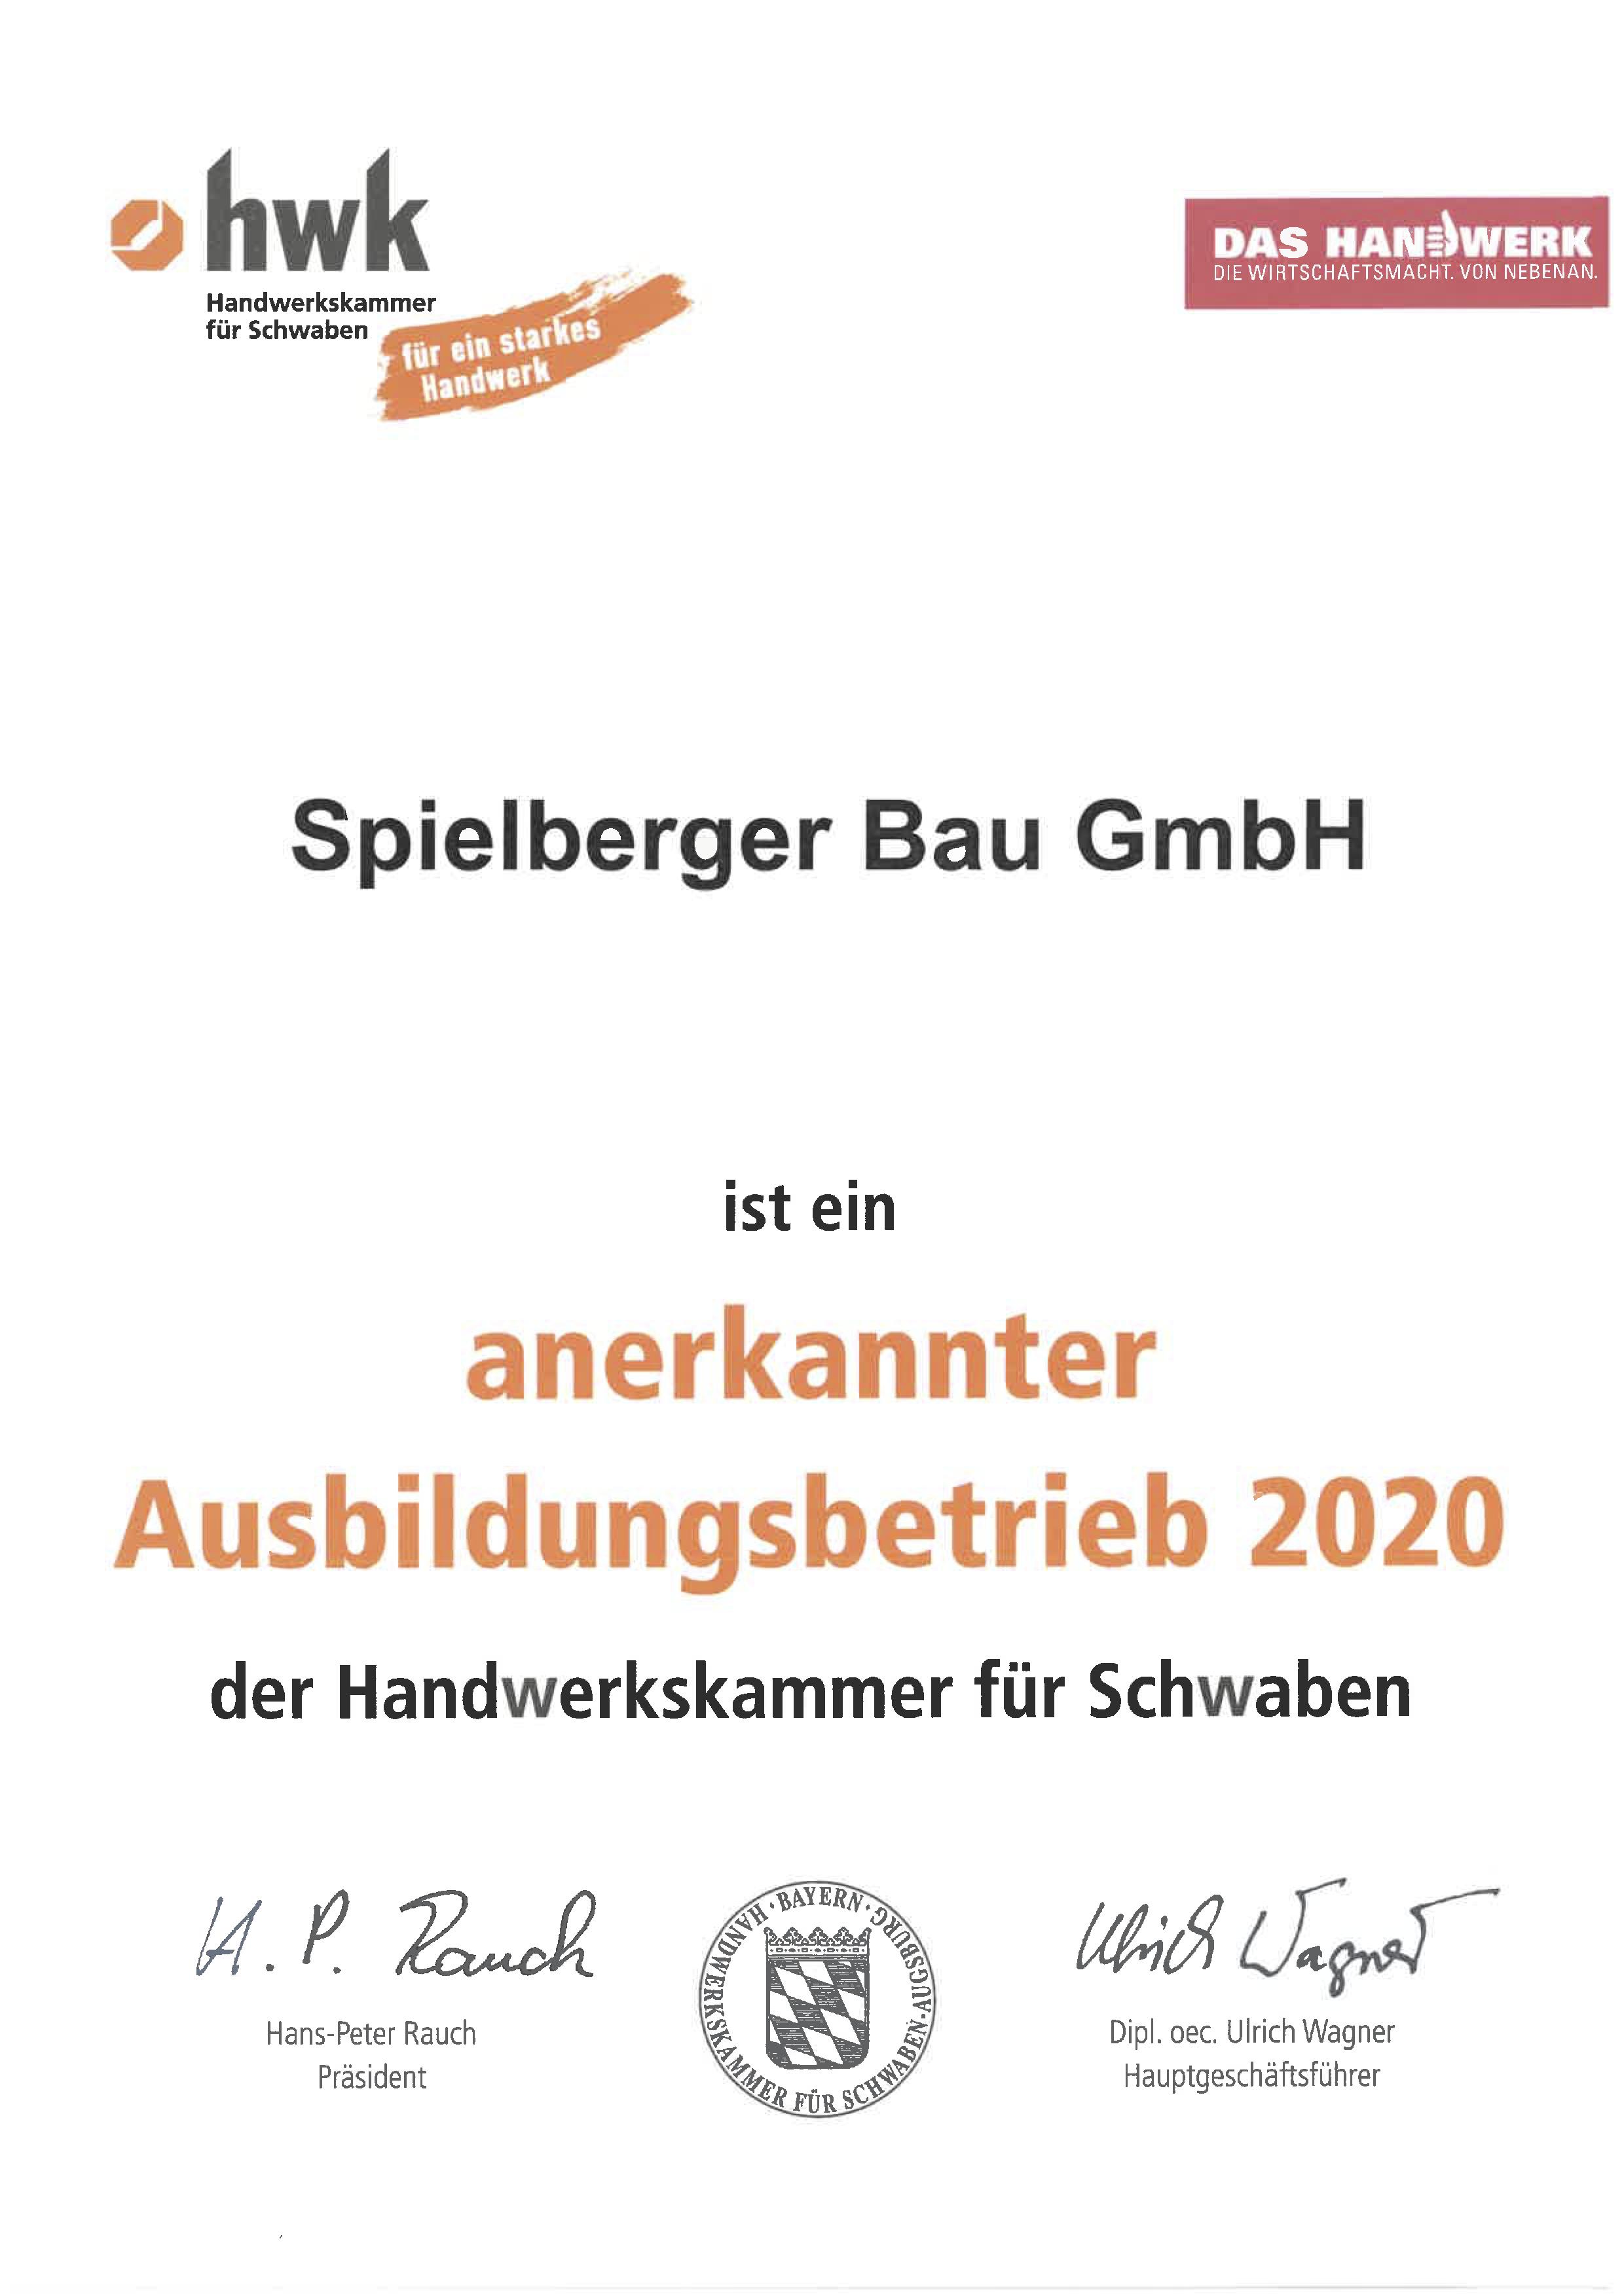 Spielberger Bau GmbH ist ein anerkannter Ausbildungsbetrieb 2018 der Handwerkskammer für Schwaben